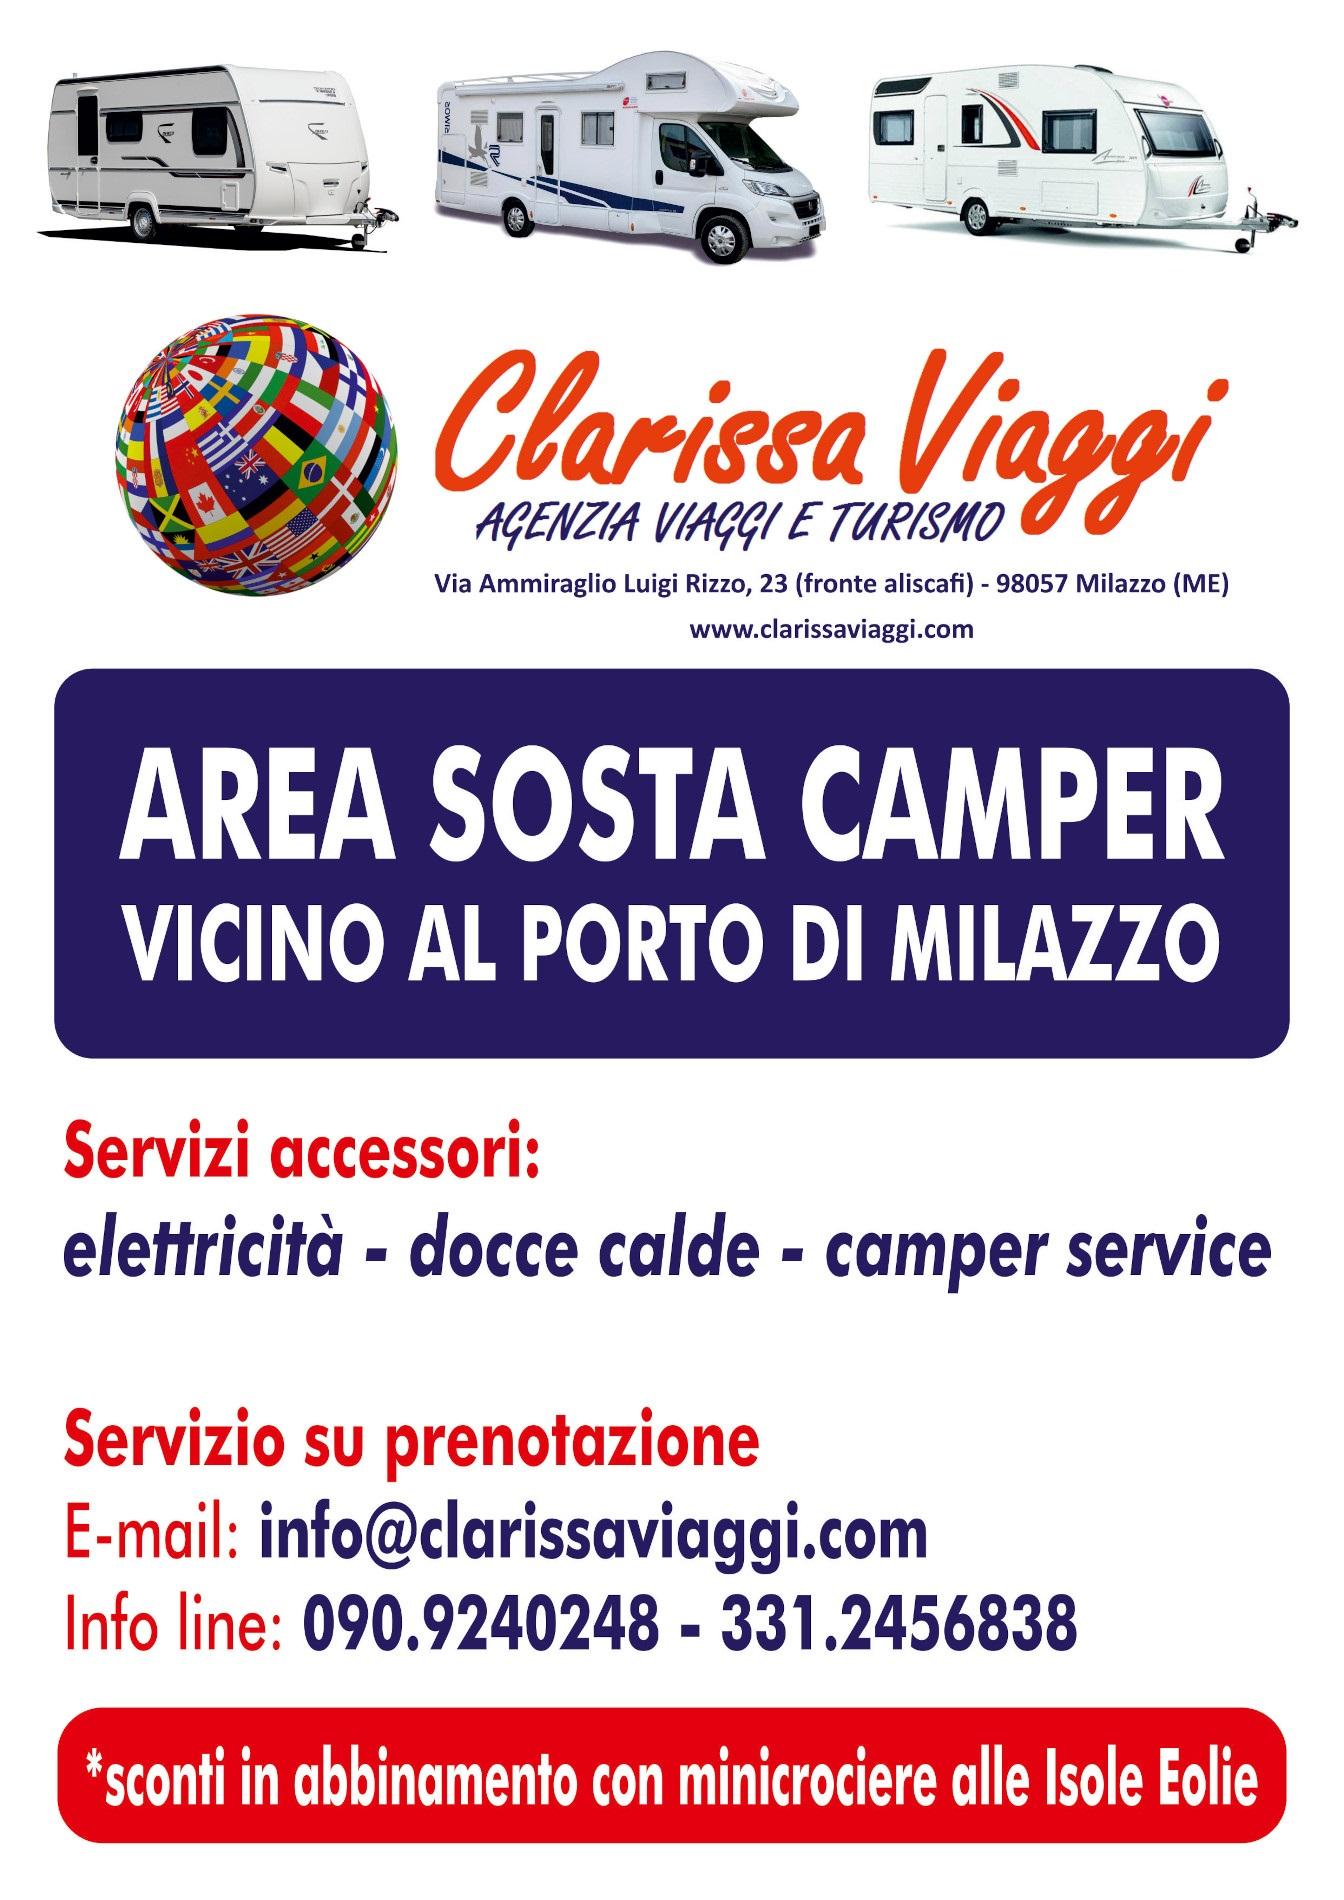 Clarissa-viaggi-parcheggio camper